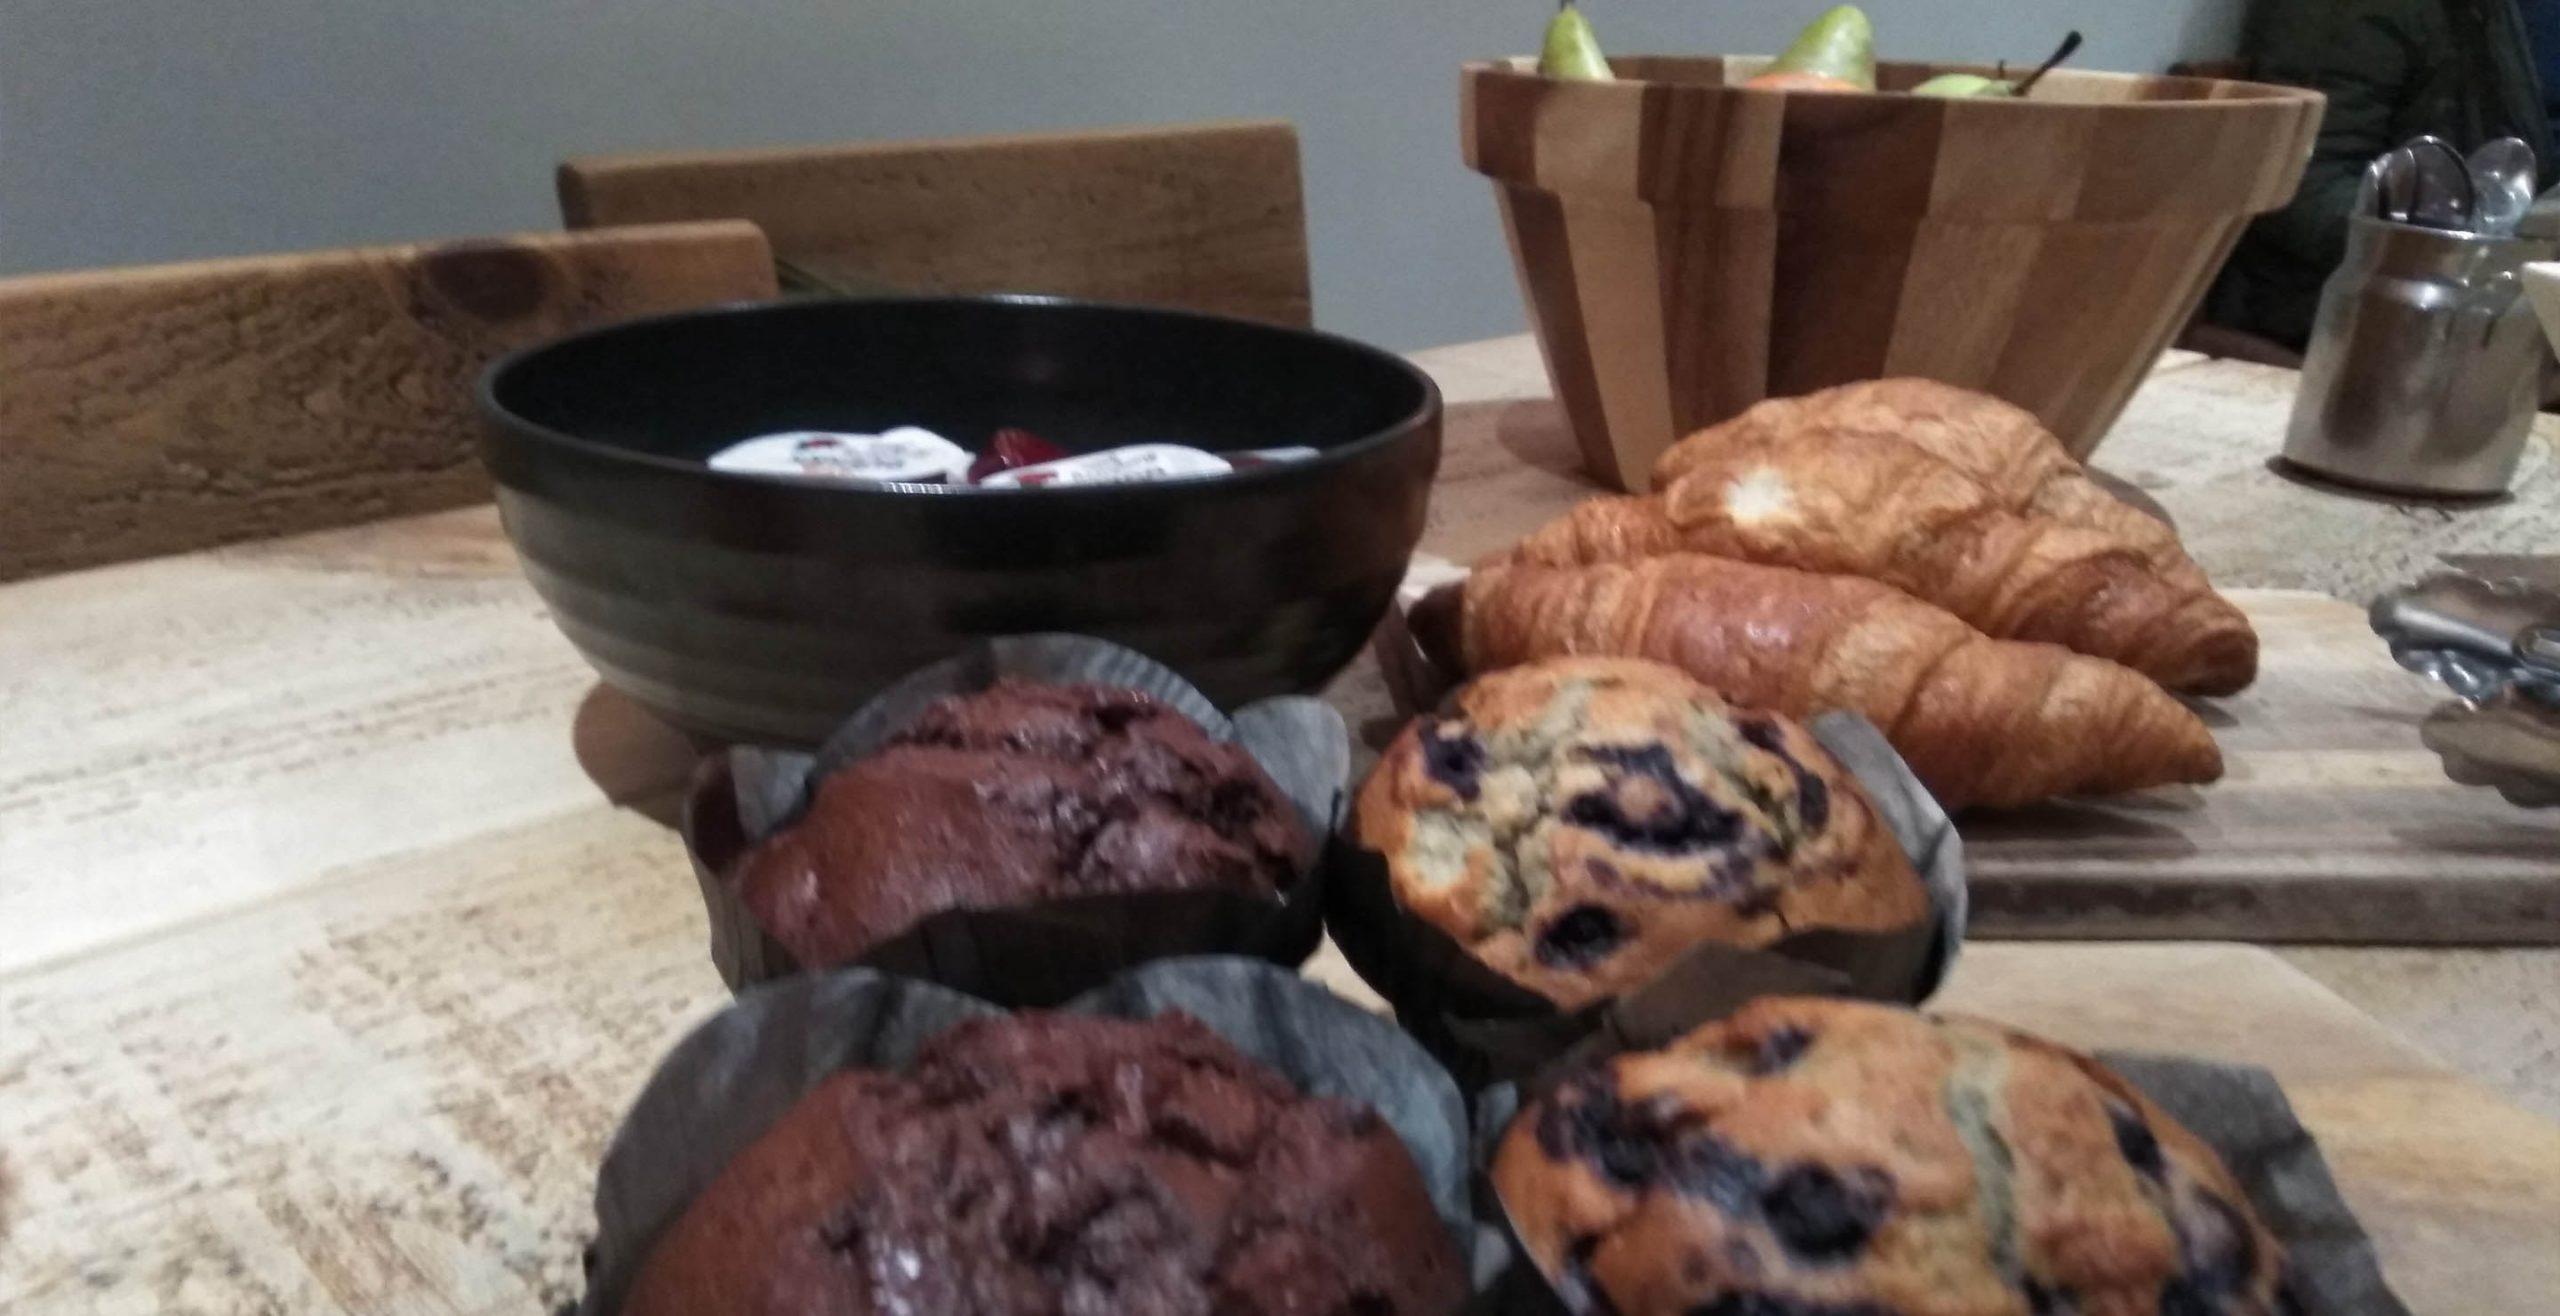 Detalles, bollería, fruta y café que disfrutaron los periodistas españoles durante la visita a las instalaciones de RST